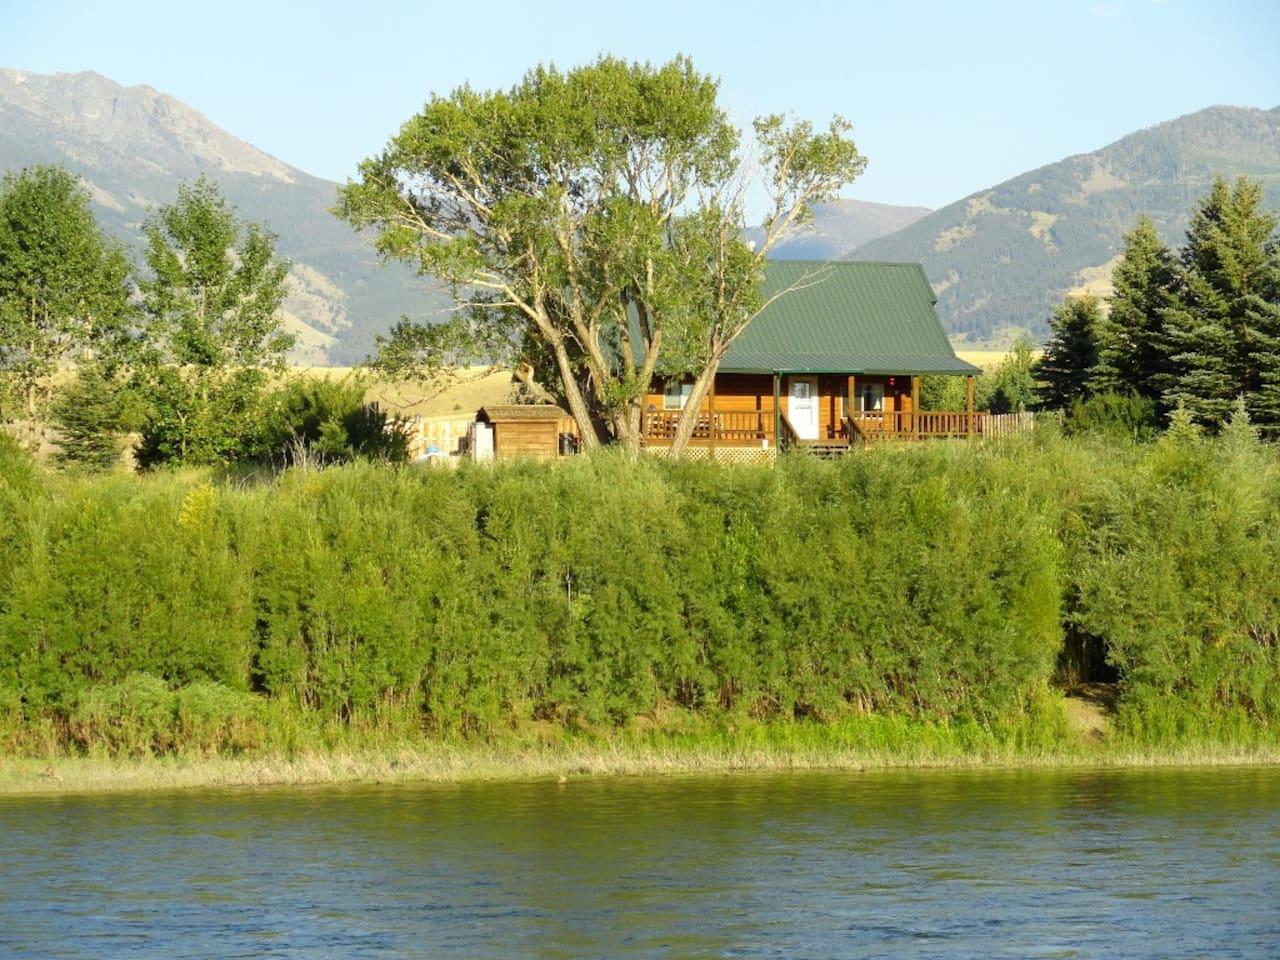 Yellowstone River Log Cabin